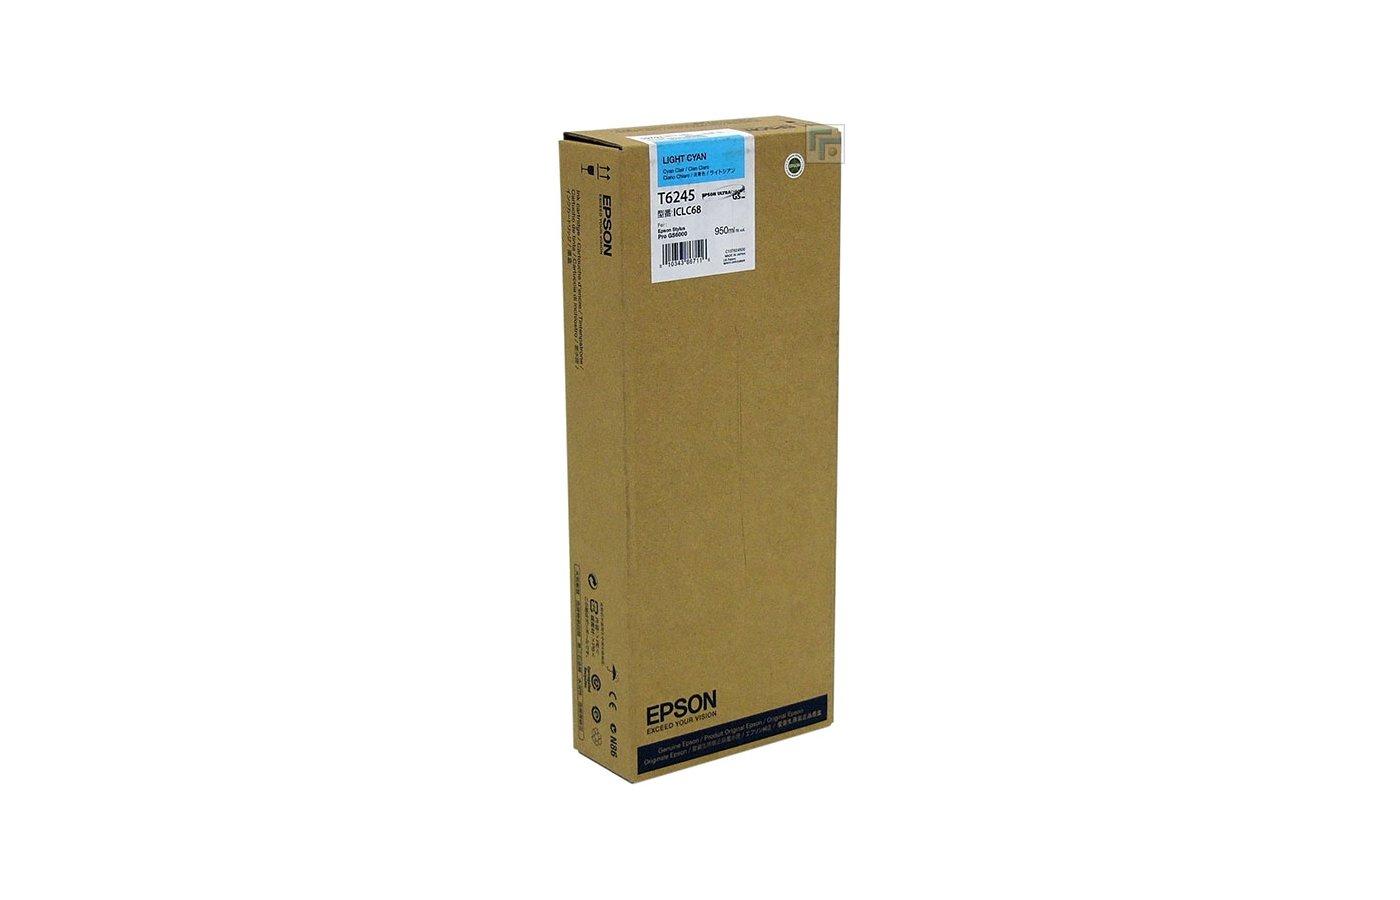 Картридж струйный Epson C13T624500 картридж (Light Cyan для Stylus Pro GS6000 (950ml) (светло-голубой))